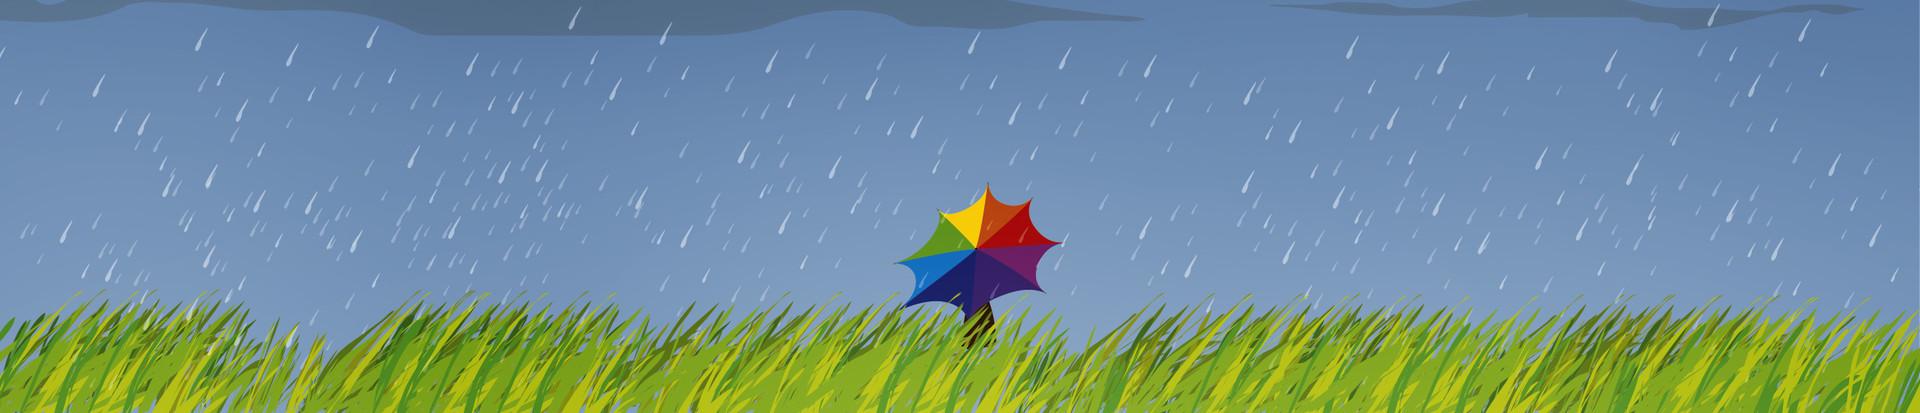 Rajesh sawant rainnn 01